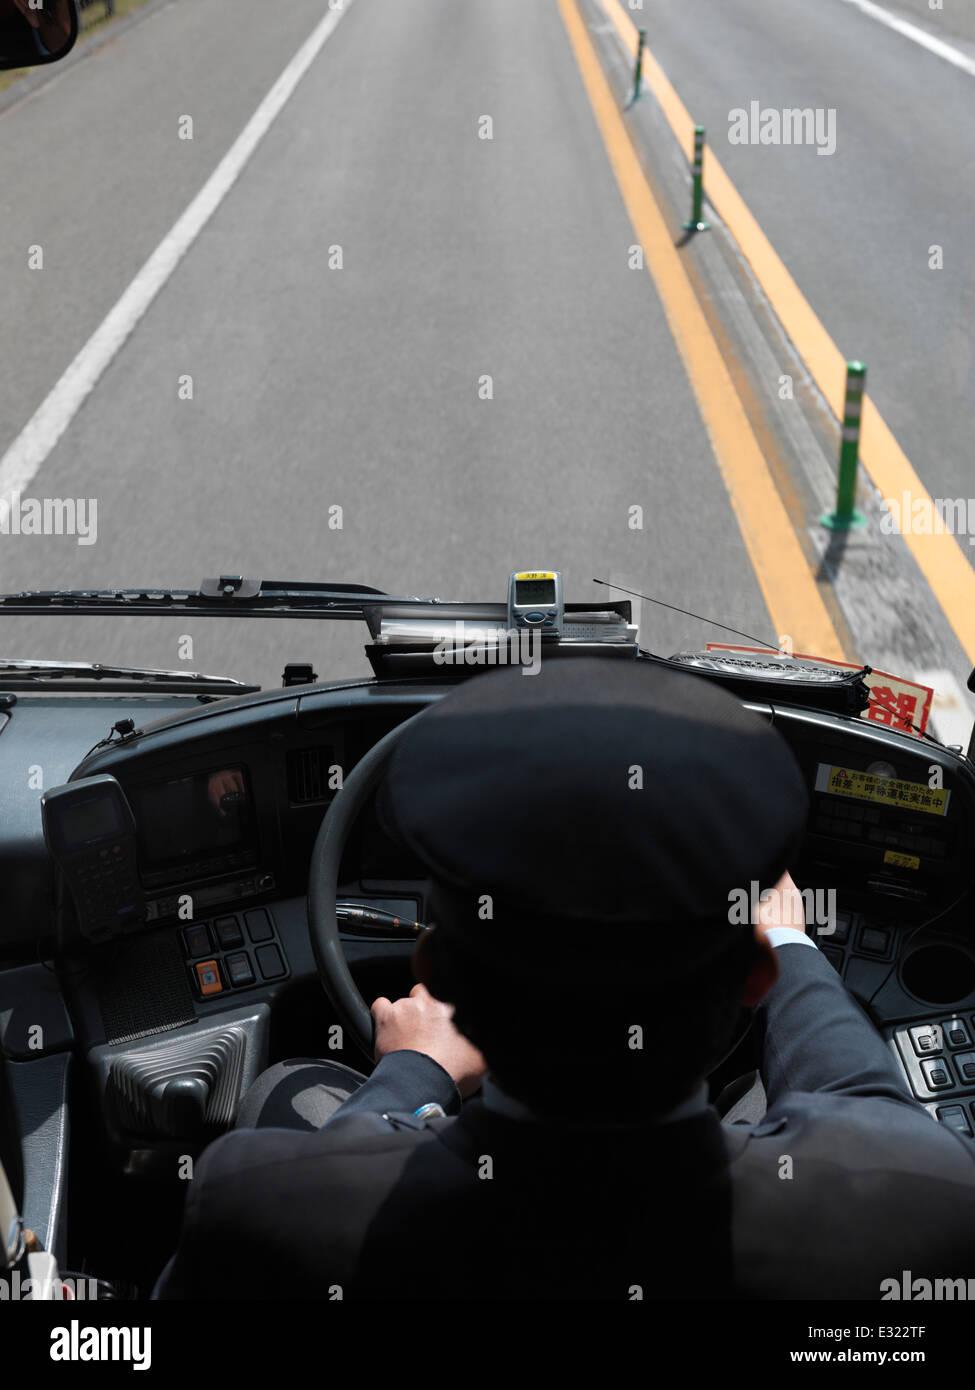 Chofer de autobús en un volante circulando en una autopista, un alto ángulo de visualización. El Imagen De Stock